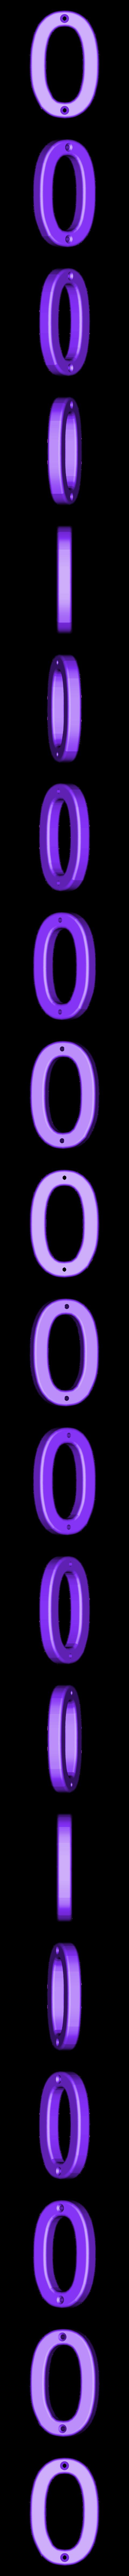 0.stl Télécharger fichier STL gratuit Numéros de maison • Modèle pour impression 3D, Jakwit